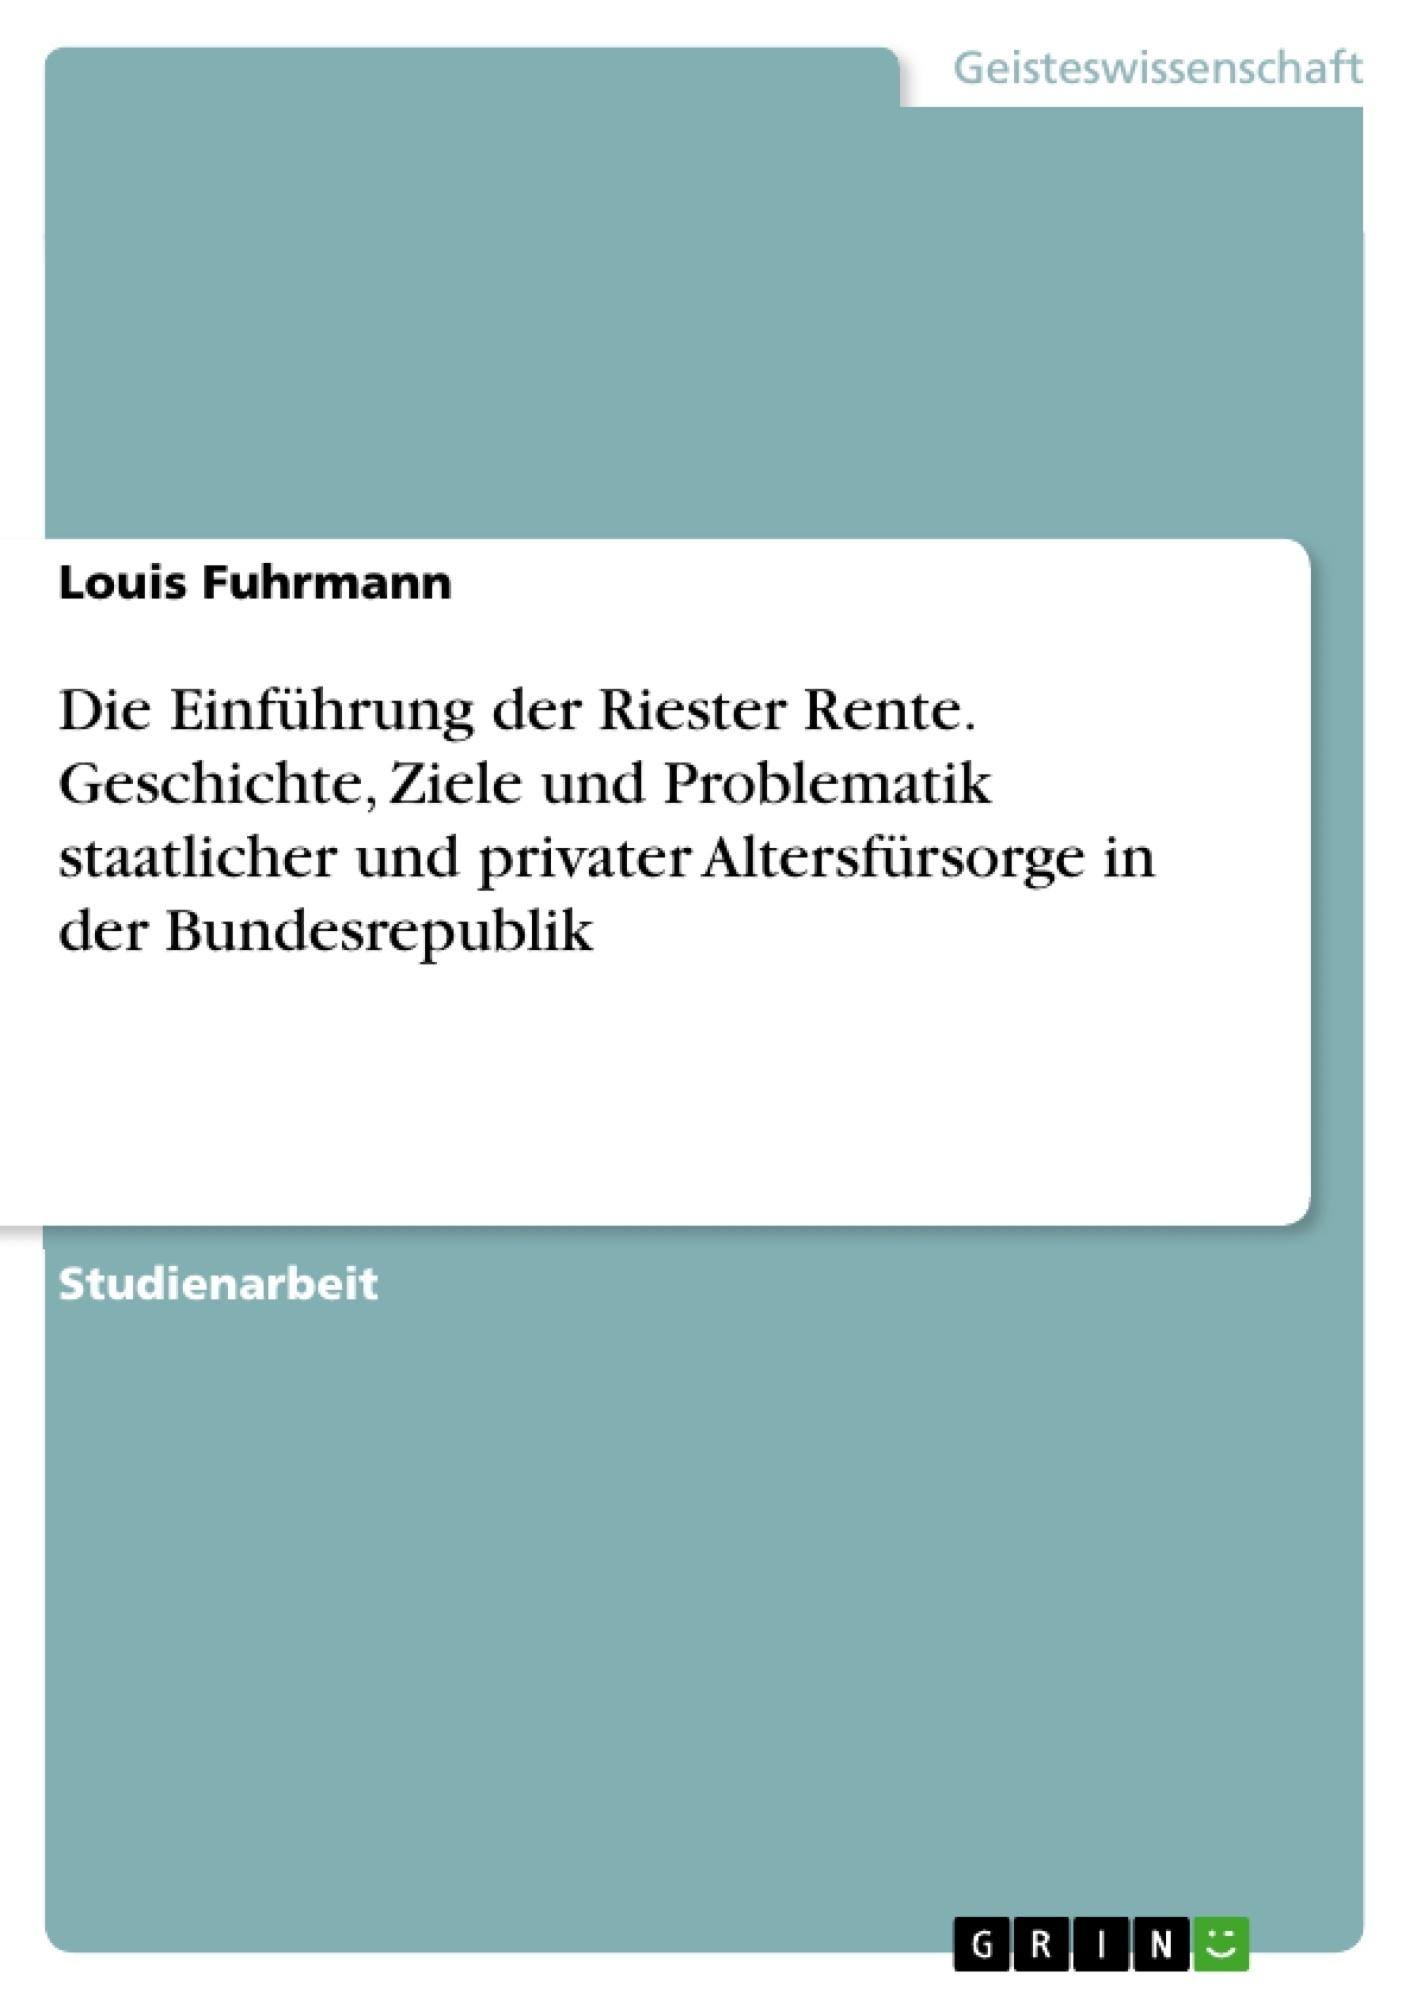 Titel: Die Einführung der Riester Rente. Geschichte, Ziele und Problematik staatlicher und privater Altersfürsorge in der Bundesrepublik